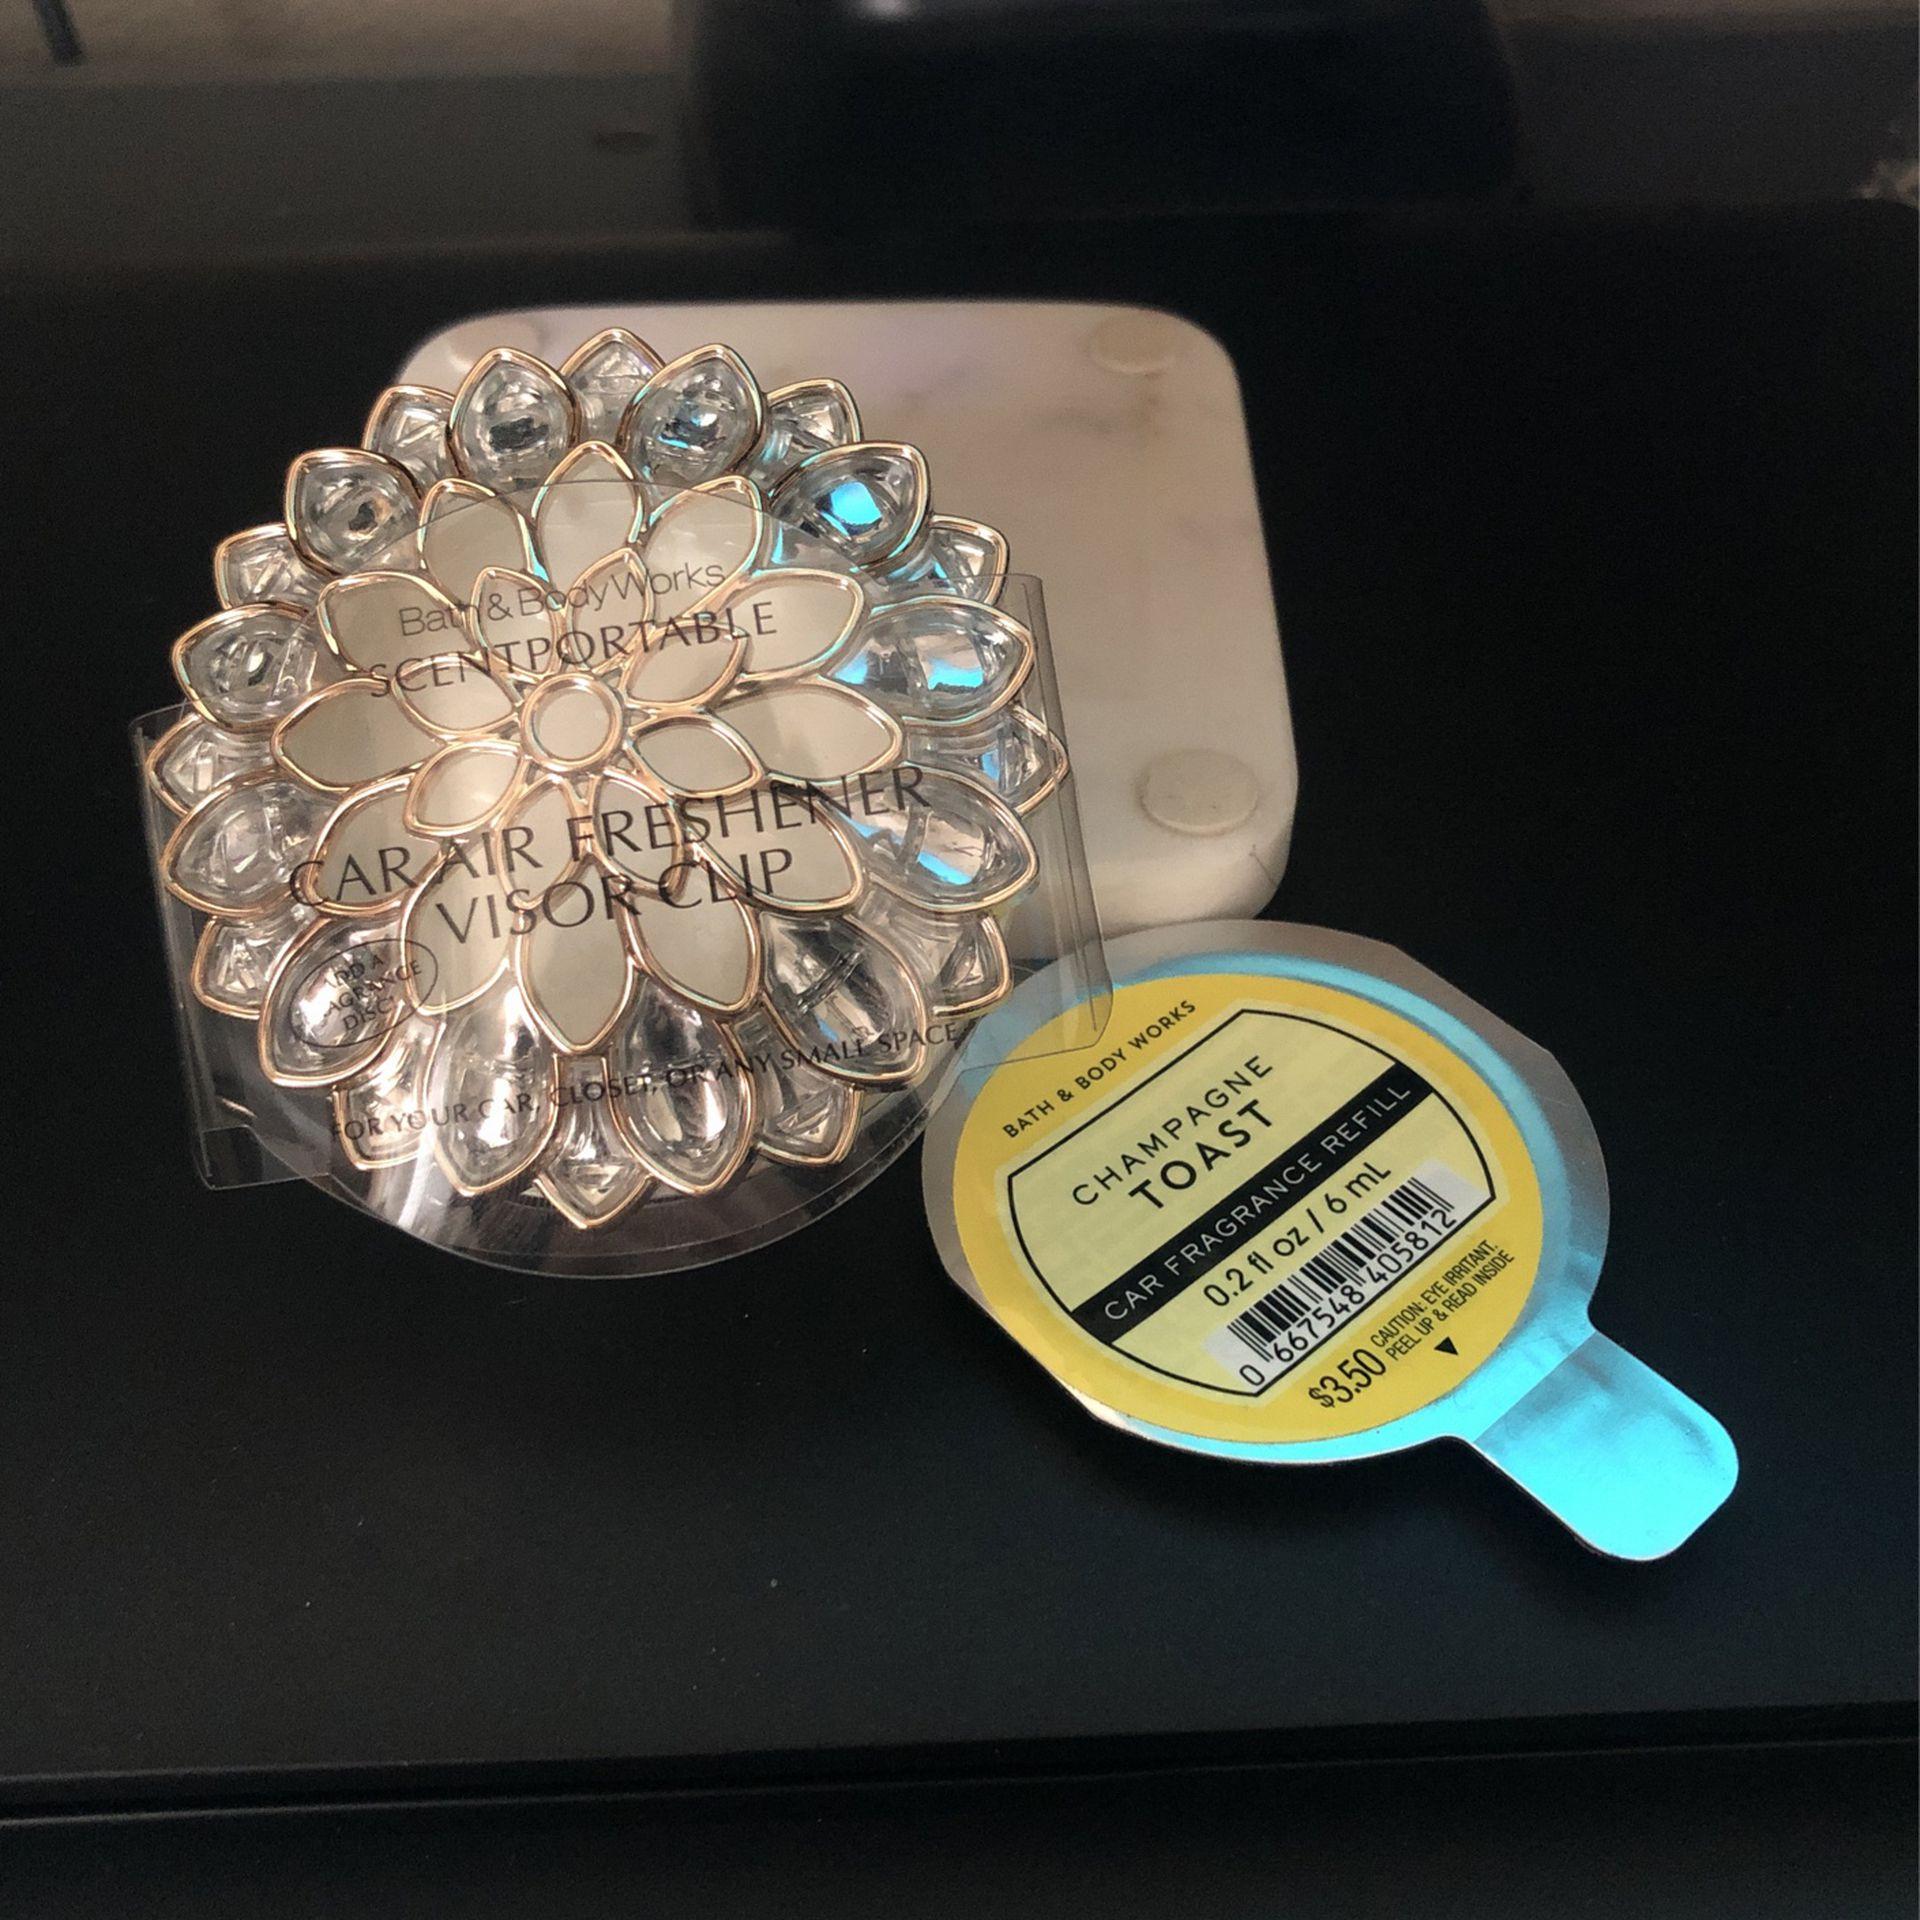 Bath & Body Works Scentportable Visor Clip W/ Refill